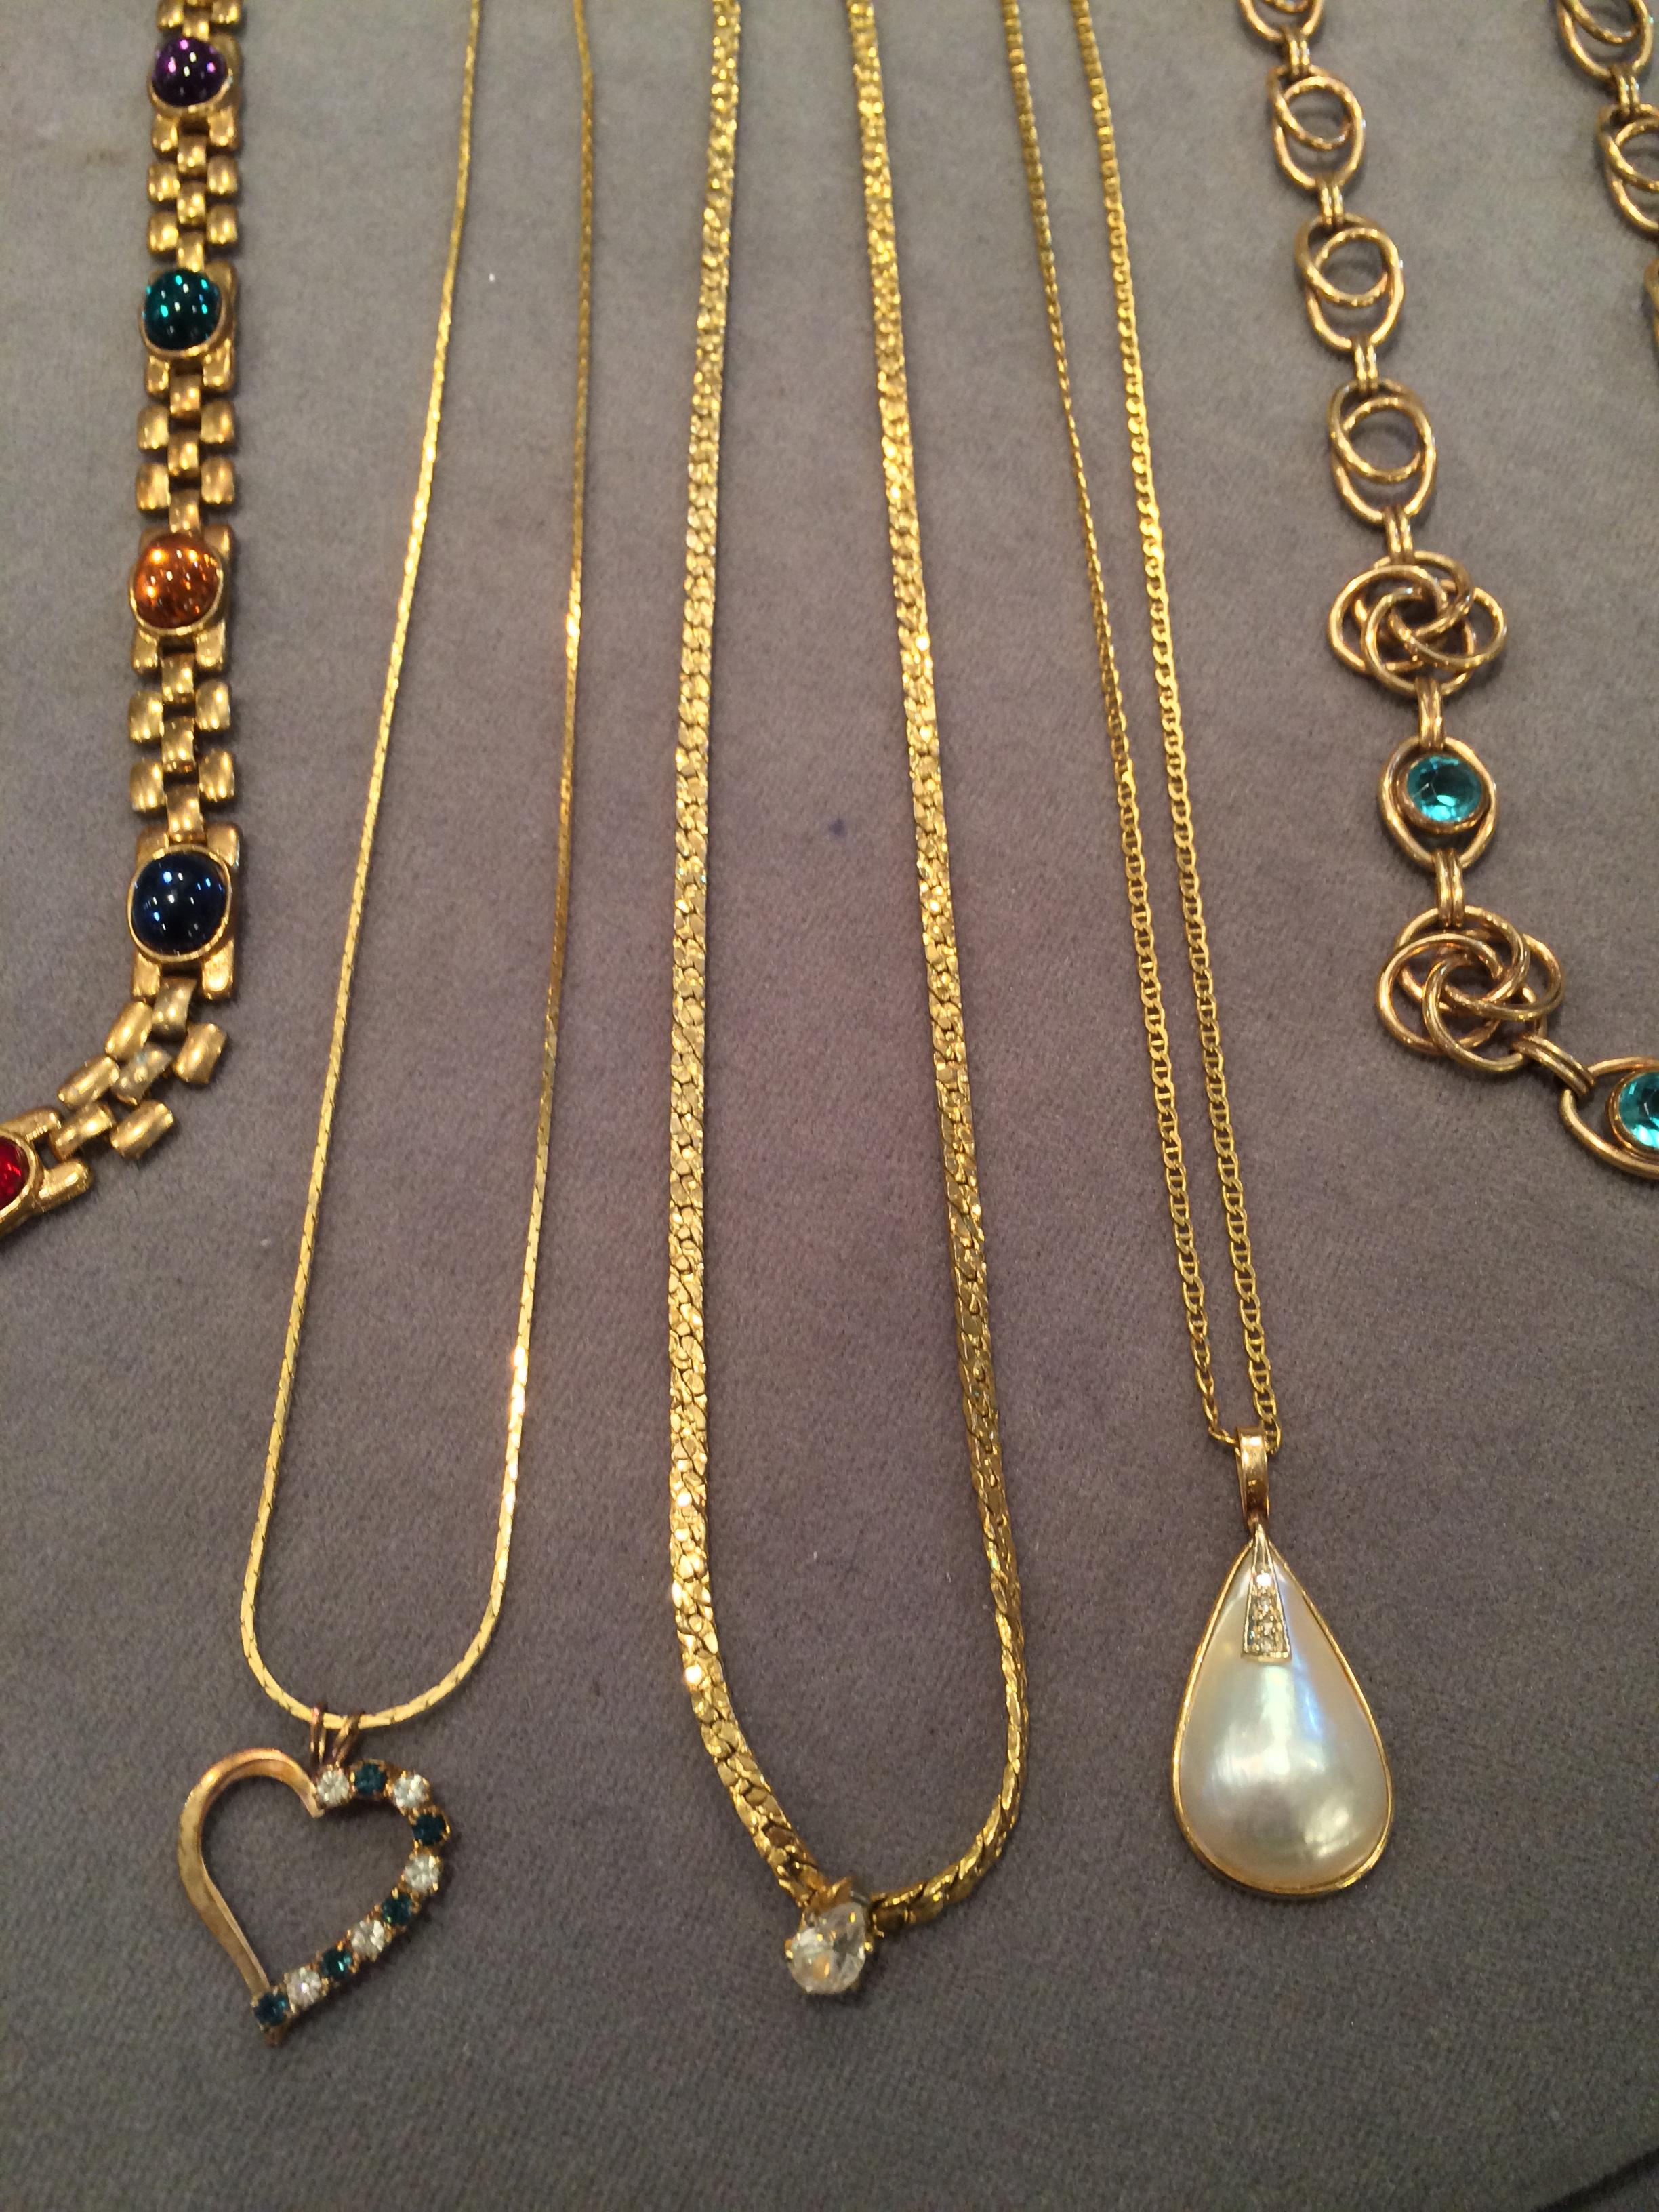 jewelry 3 (24).JPG